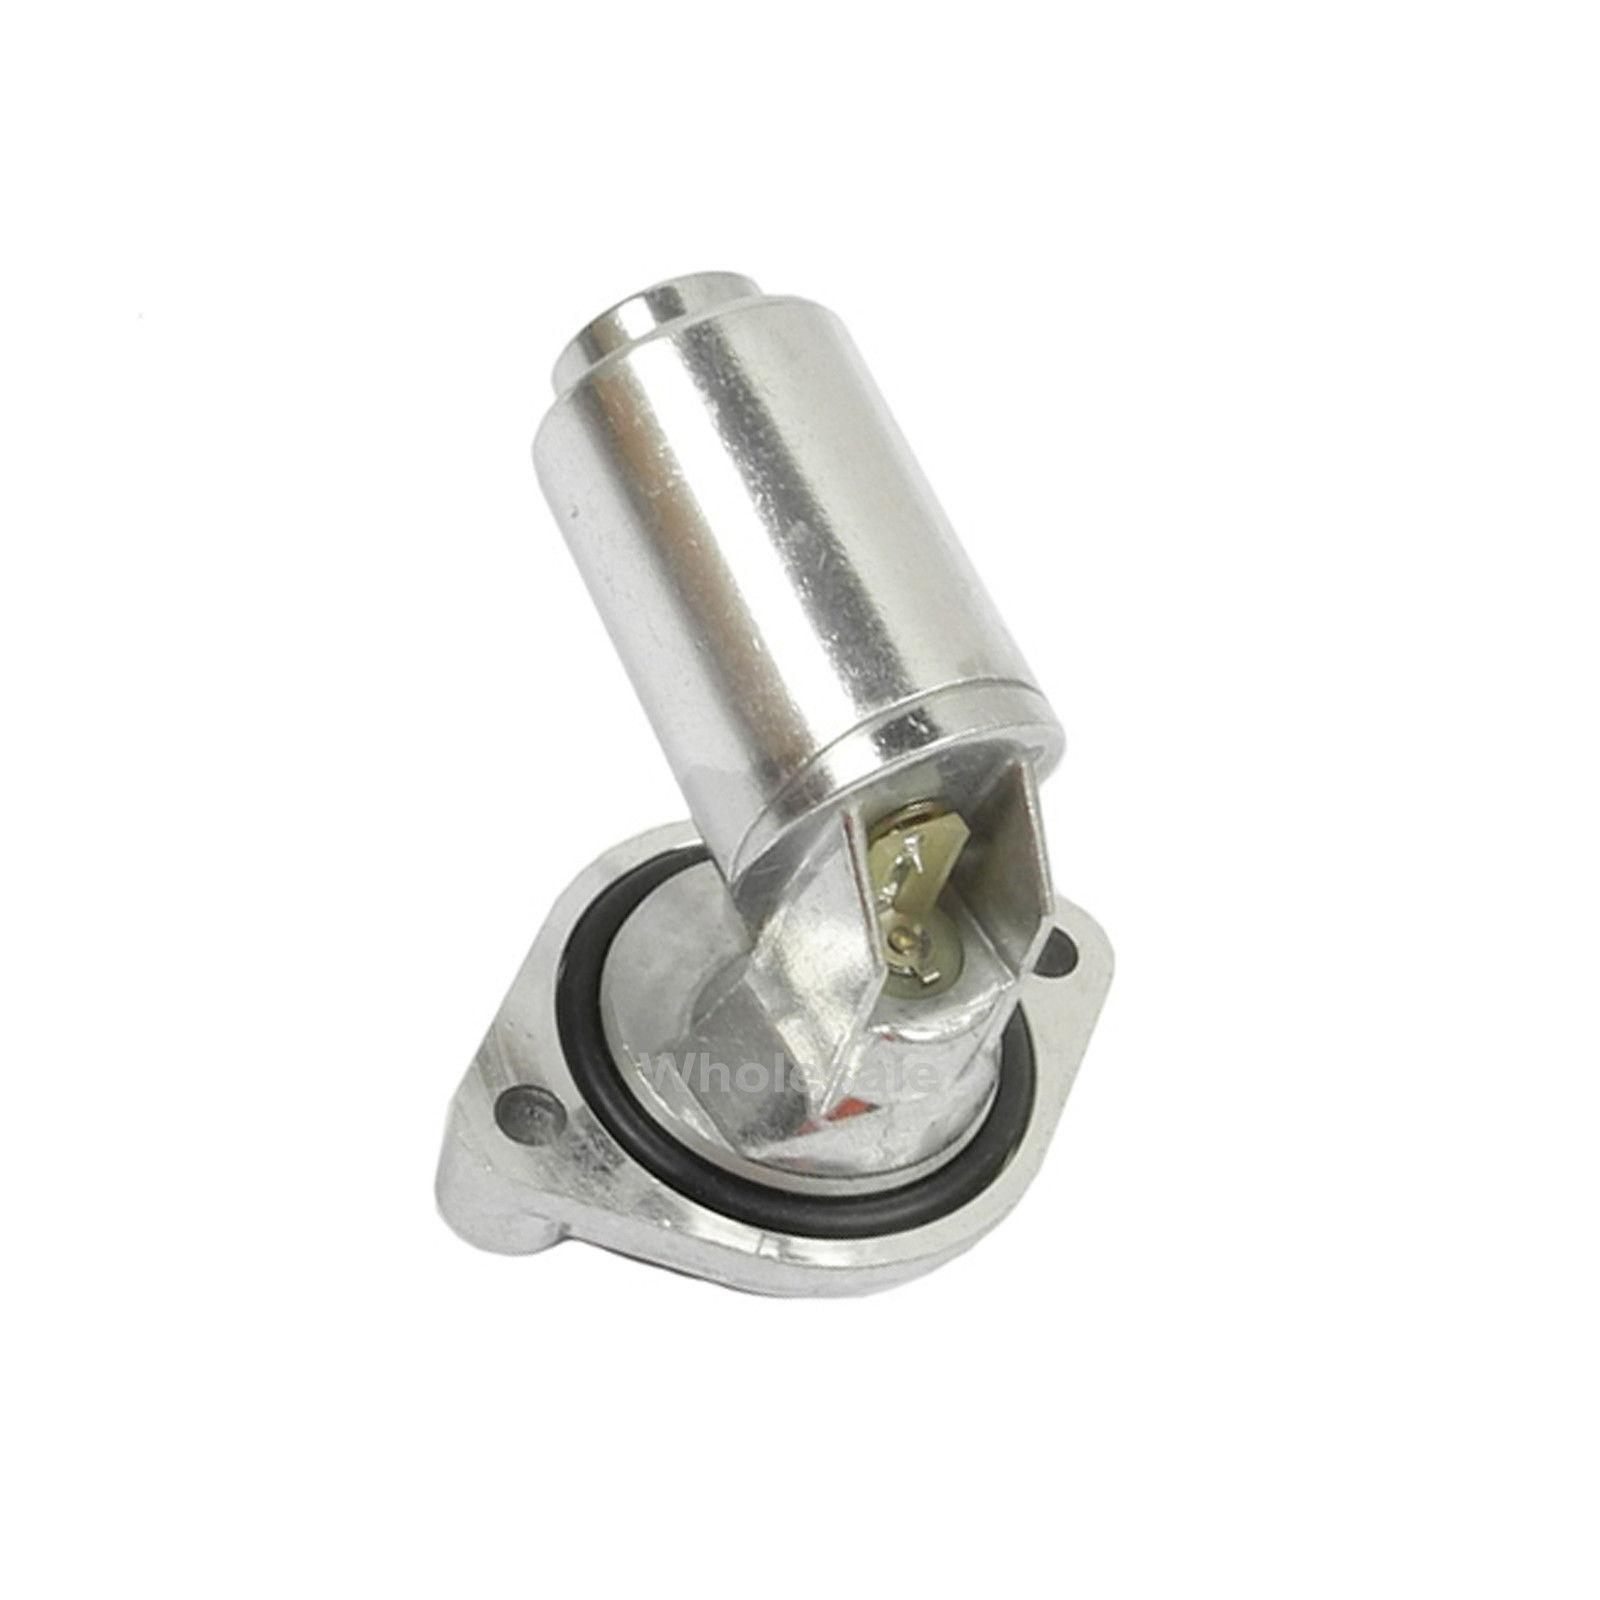 Oil Level Sensor For Mercedes 190D 190E 300SDL 300E 300TD 1245420017